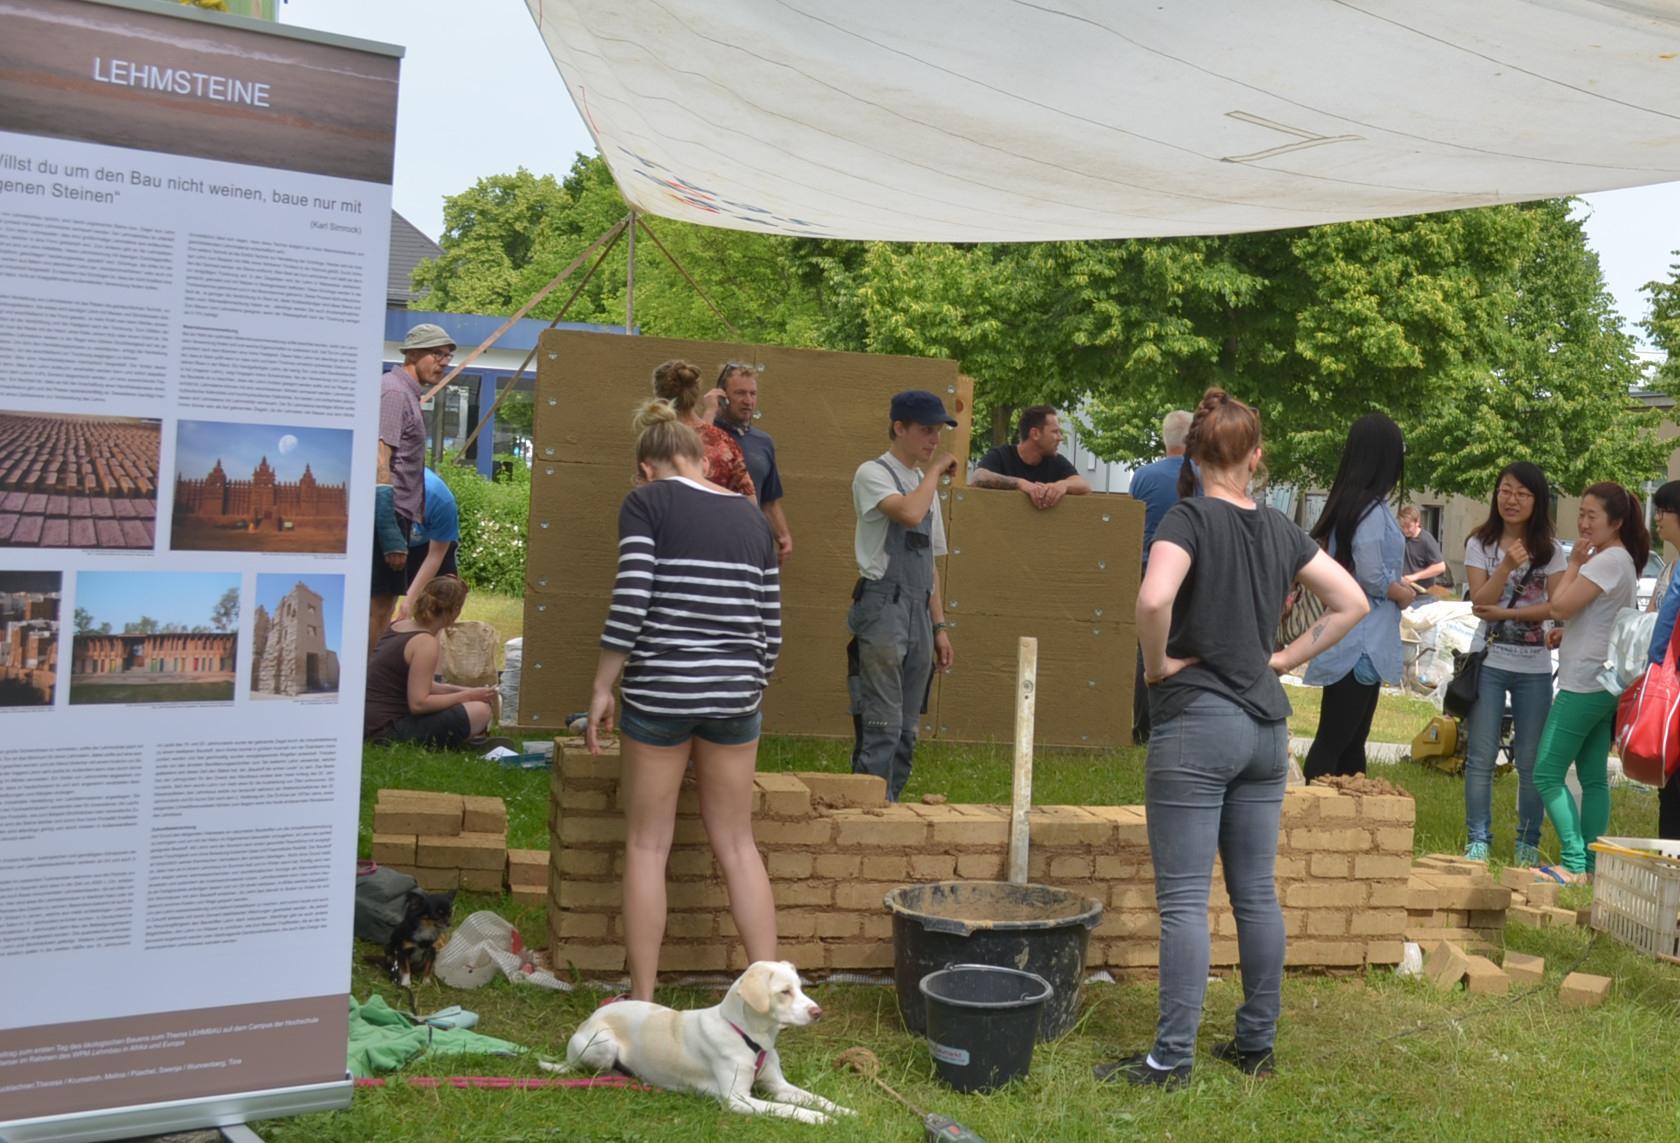 Demonstration verschiedener Lehmbautechniken und Mitmachbaustelle während des 2. Internationalen Lehmbautages auf dem Campus der Hochschule Wismar